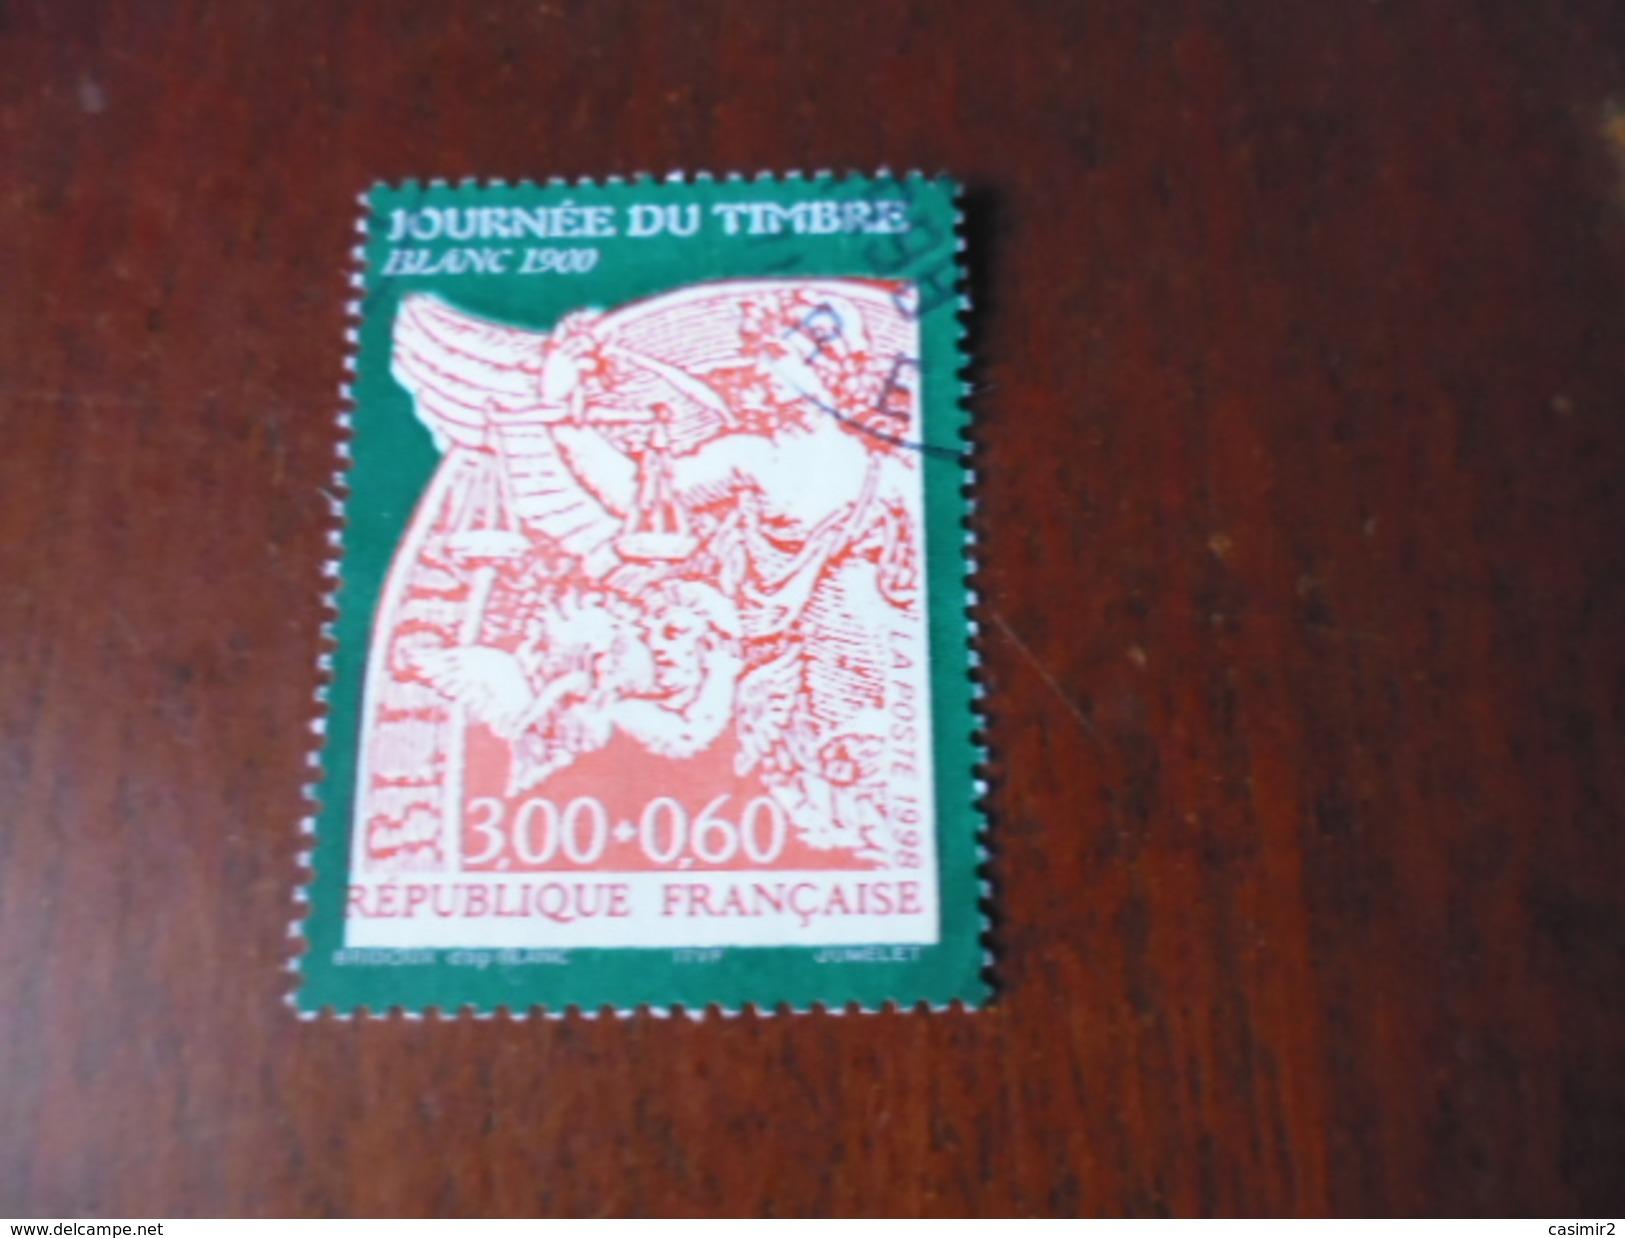 FRANCE Obliteration Choisie  YVERT N° 3135 - France